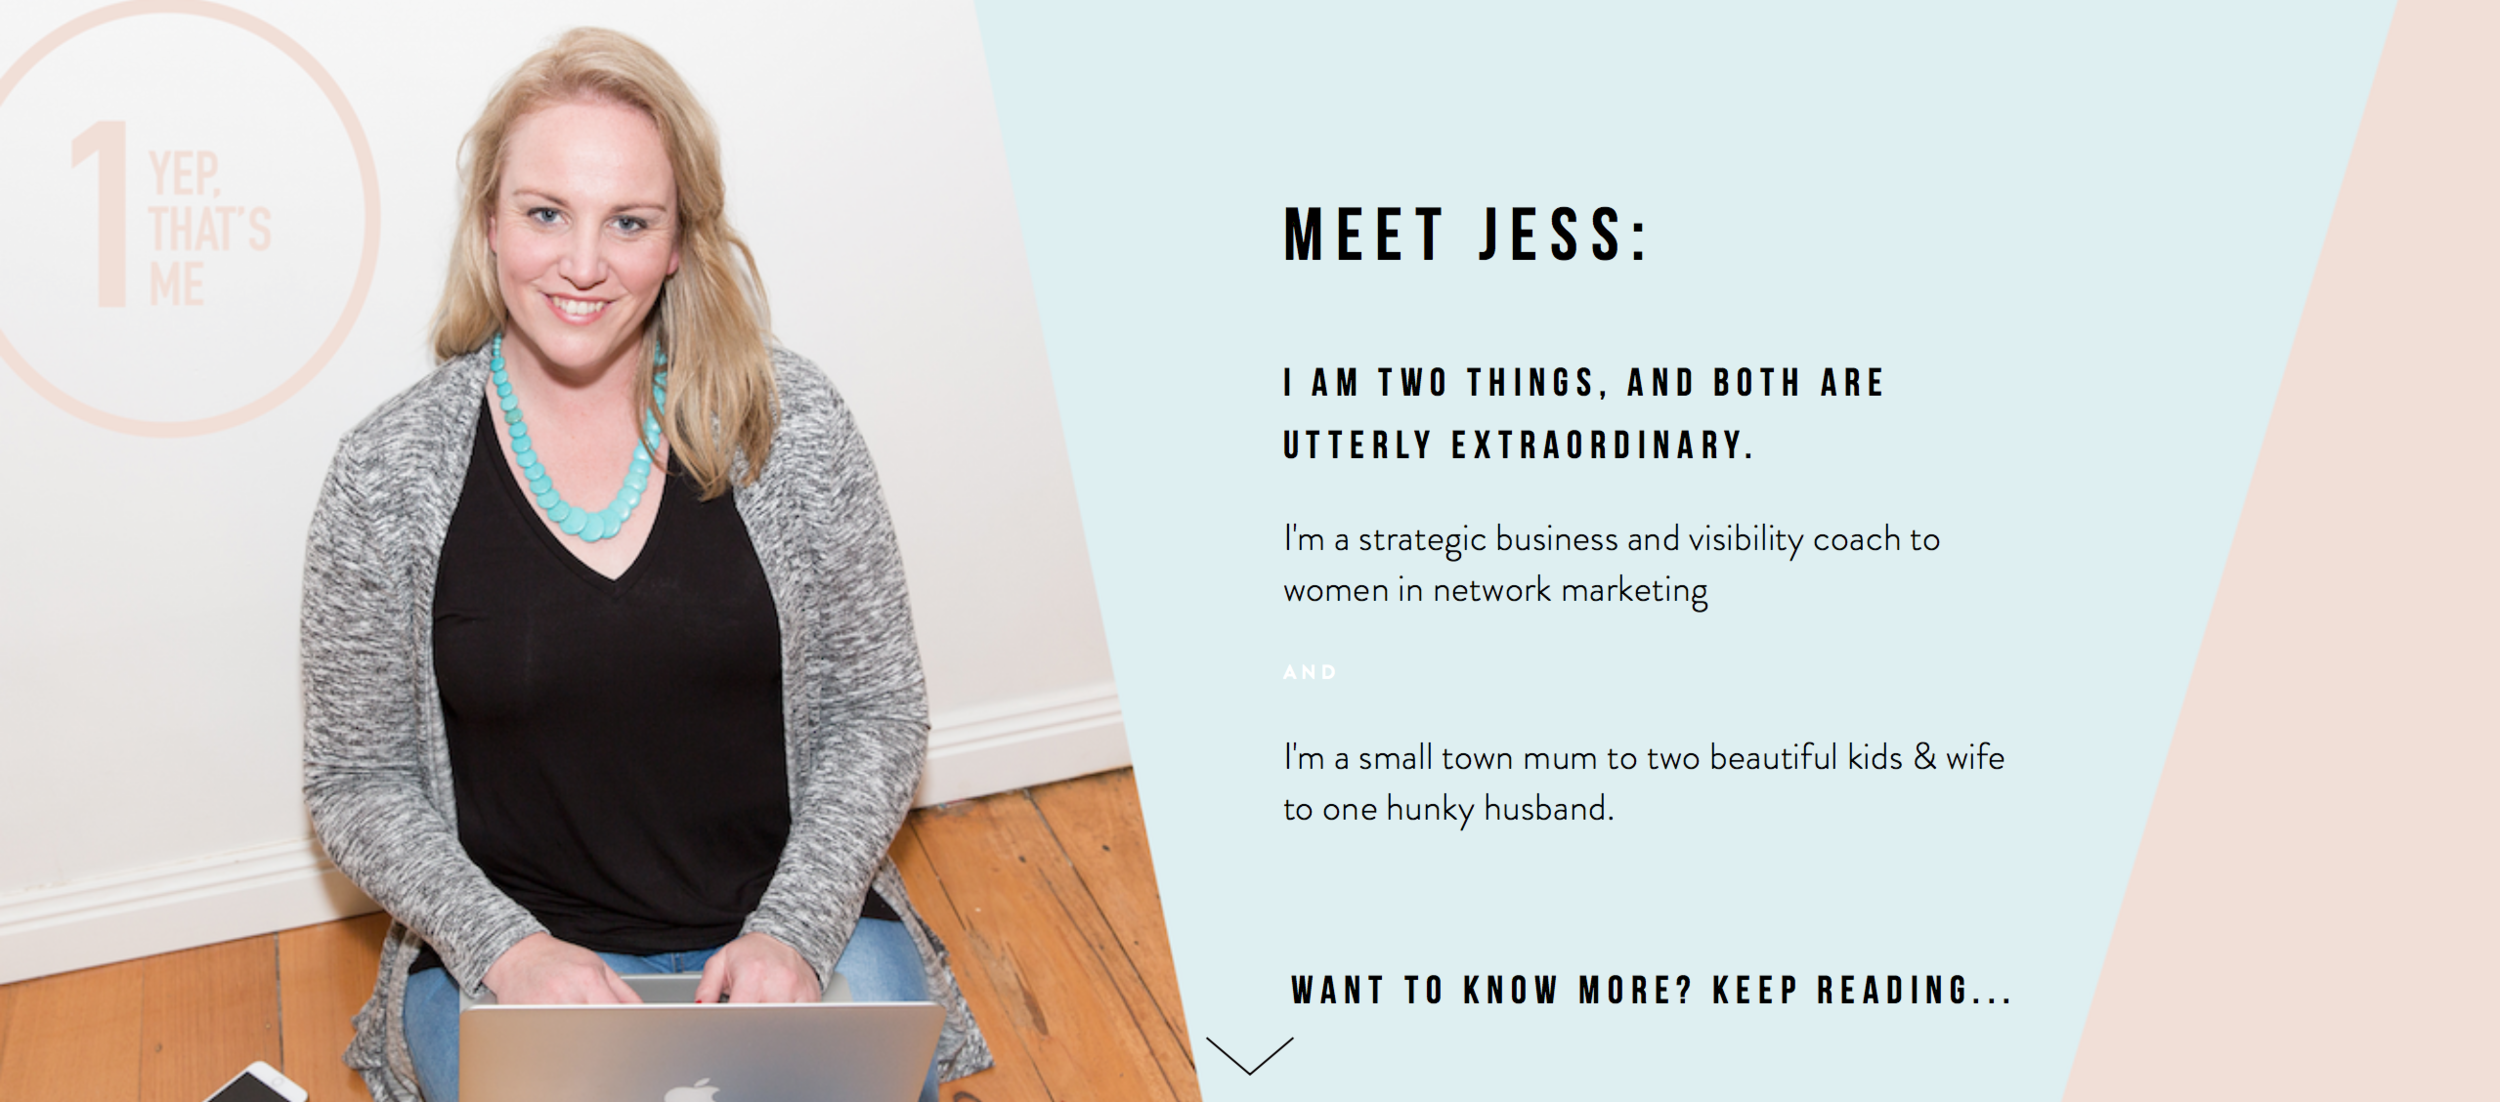 Jess Willman About Page Screenshot